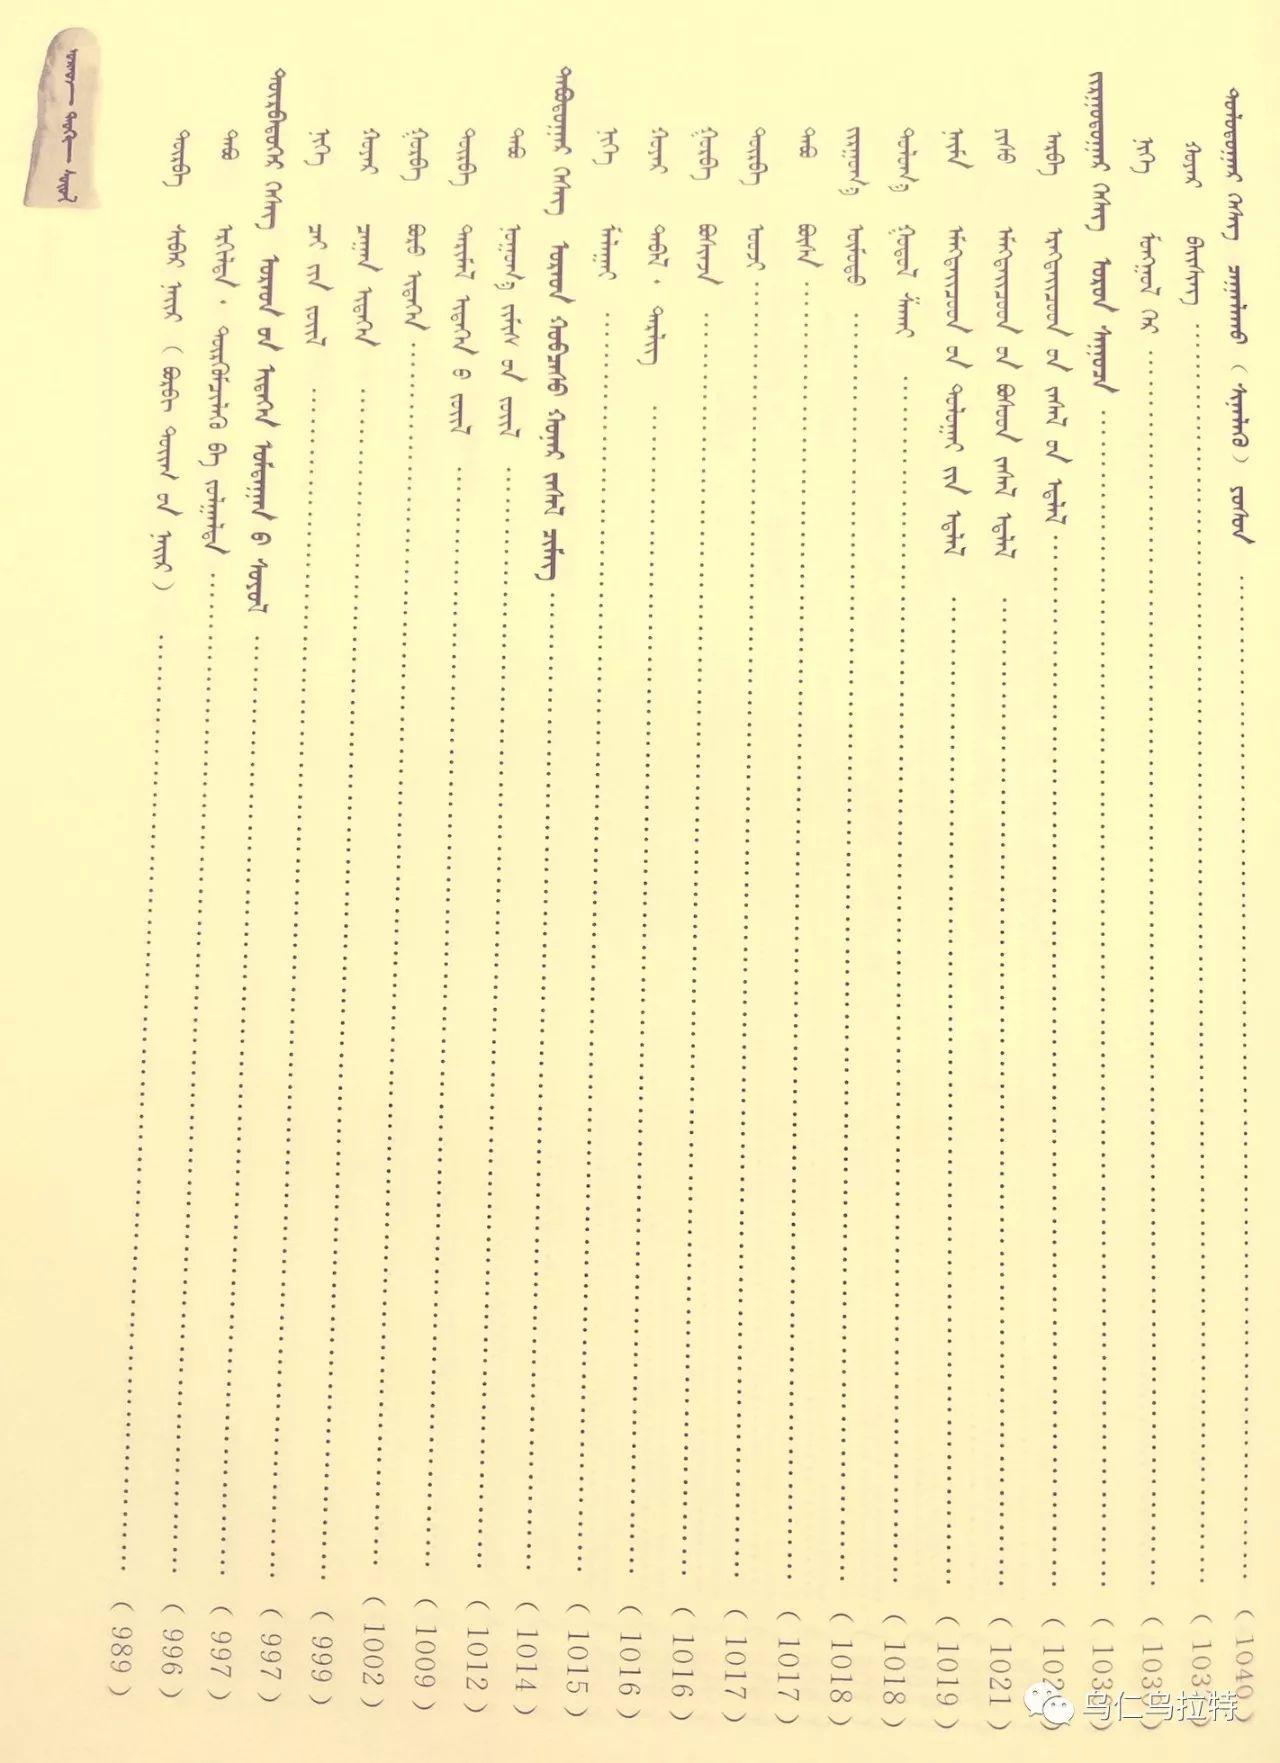 图书介绍《乌拉特历史文化》 第26张